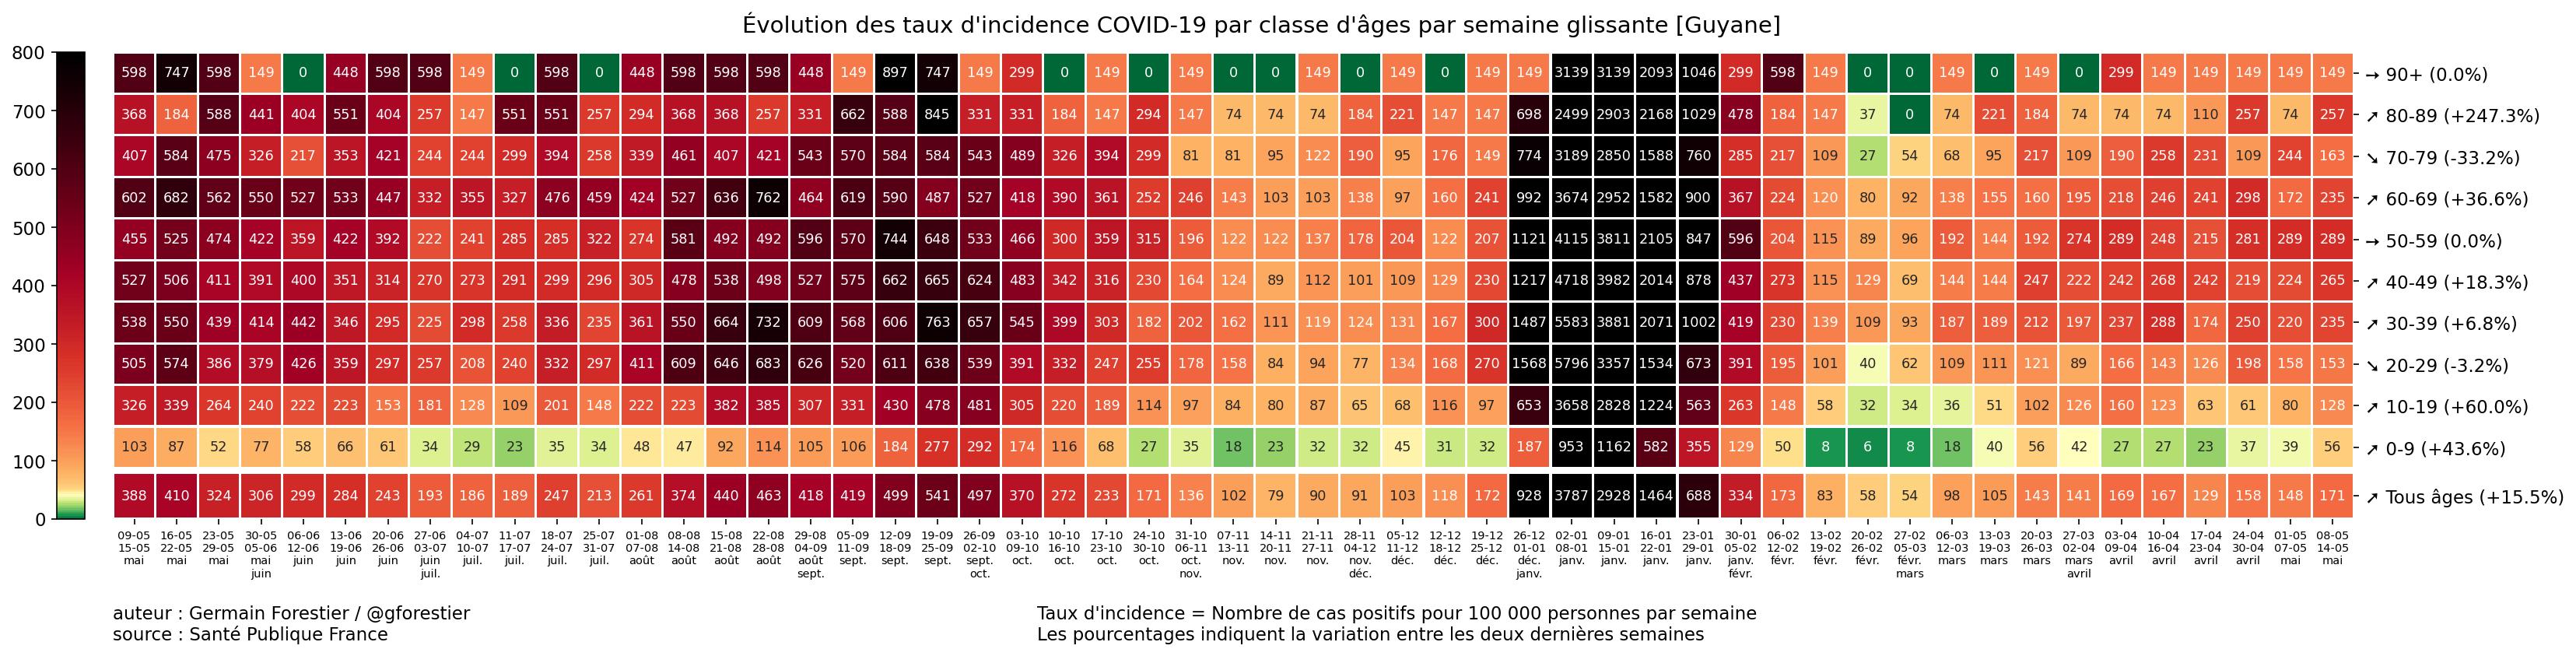 Le coronavirus COVID-19 - Infos, évolution et conséquences - Page 2 973_Guyane-heatmap-incid-semaine